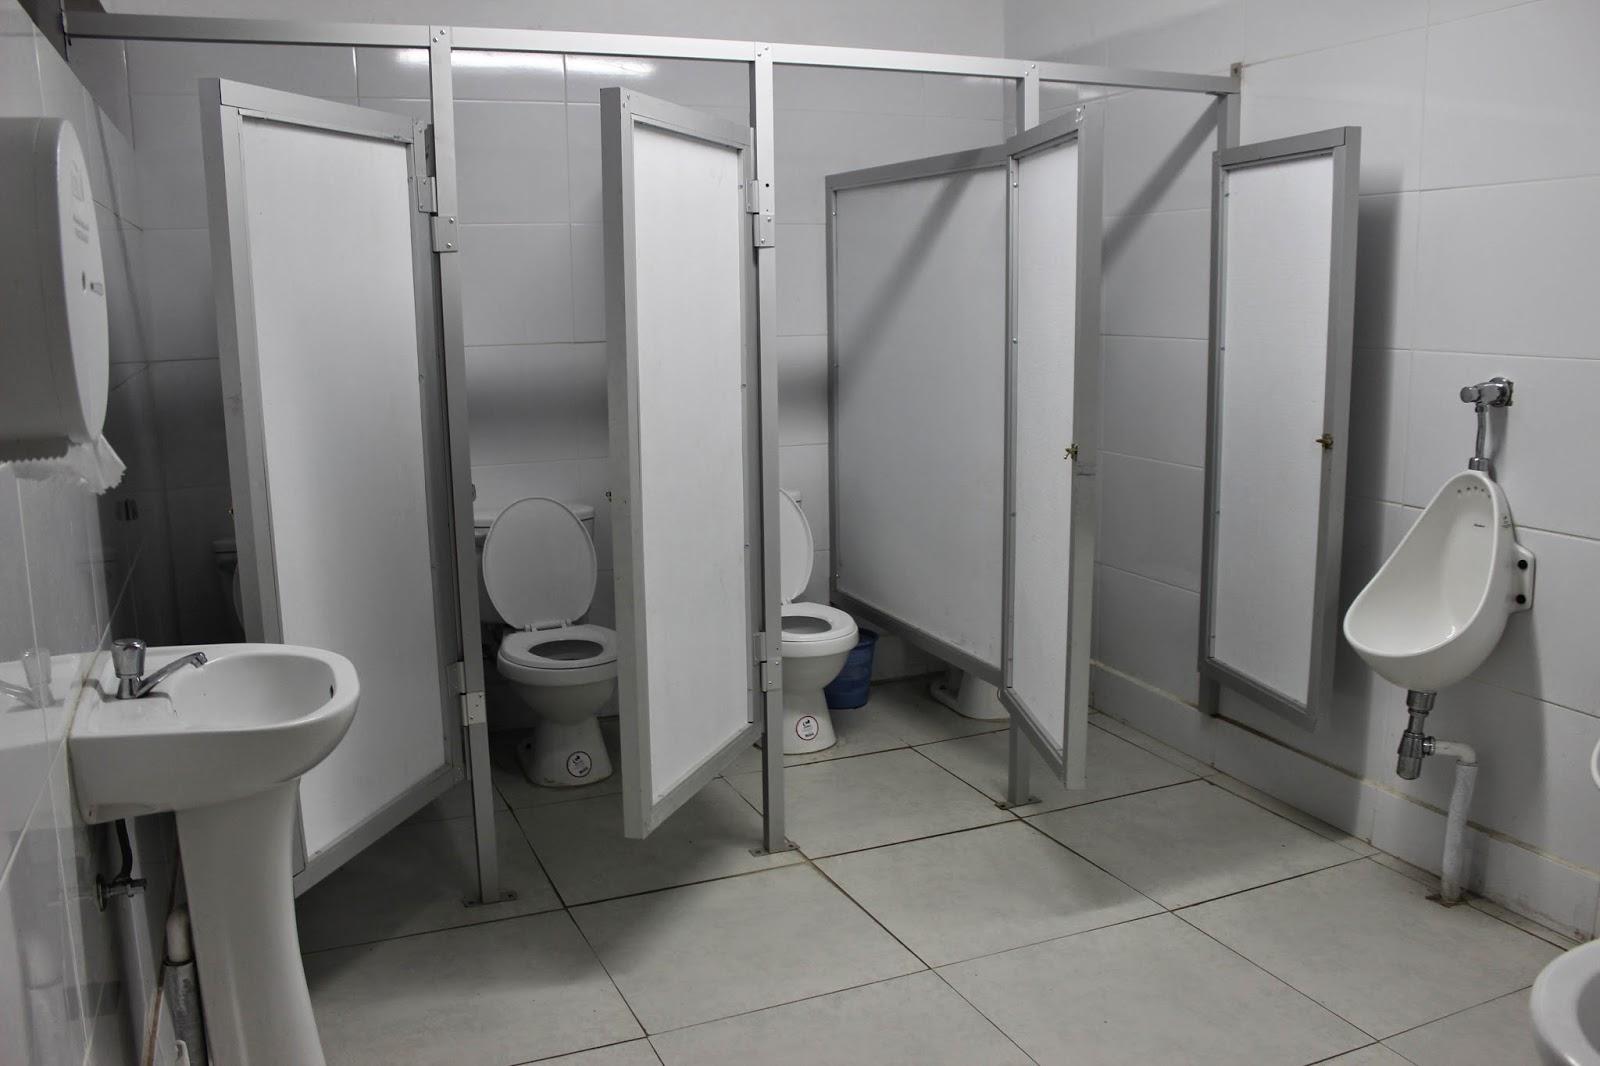 Imagenes De Baños Nuevos:Escuela Evarista Ogalde de Tres Esquinas Inauguro Nuevos Baños y